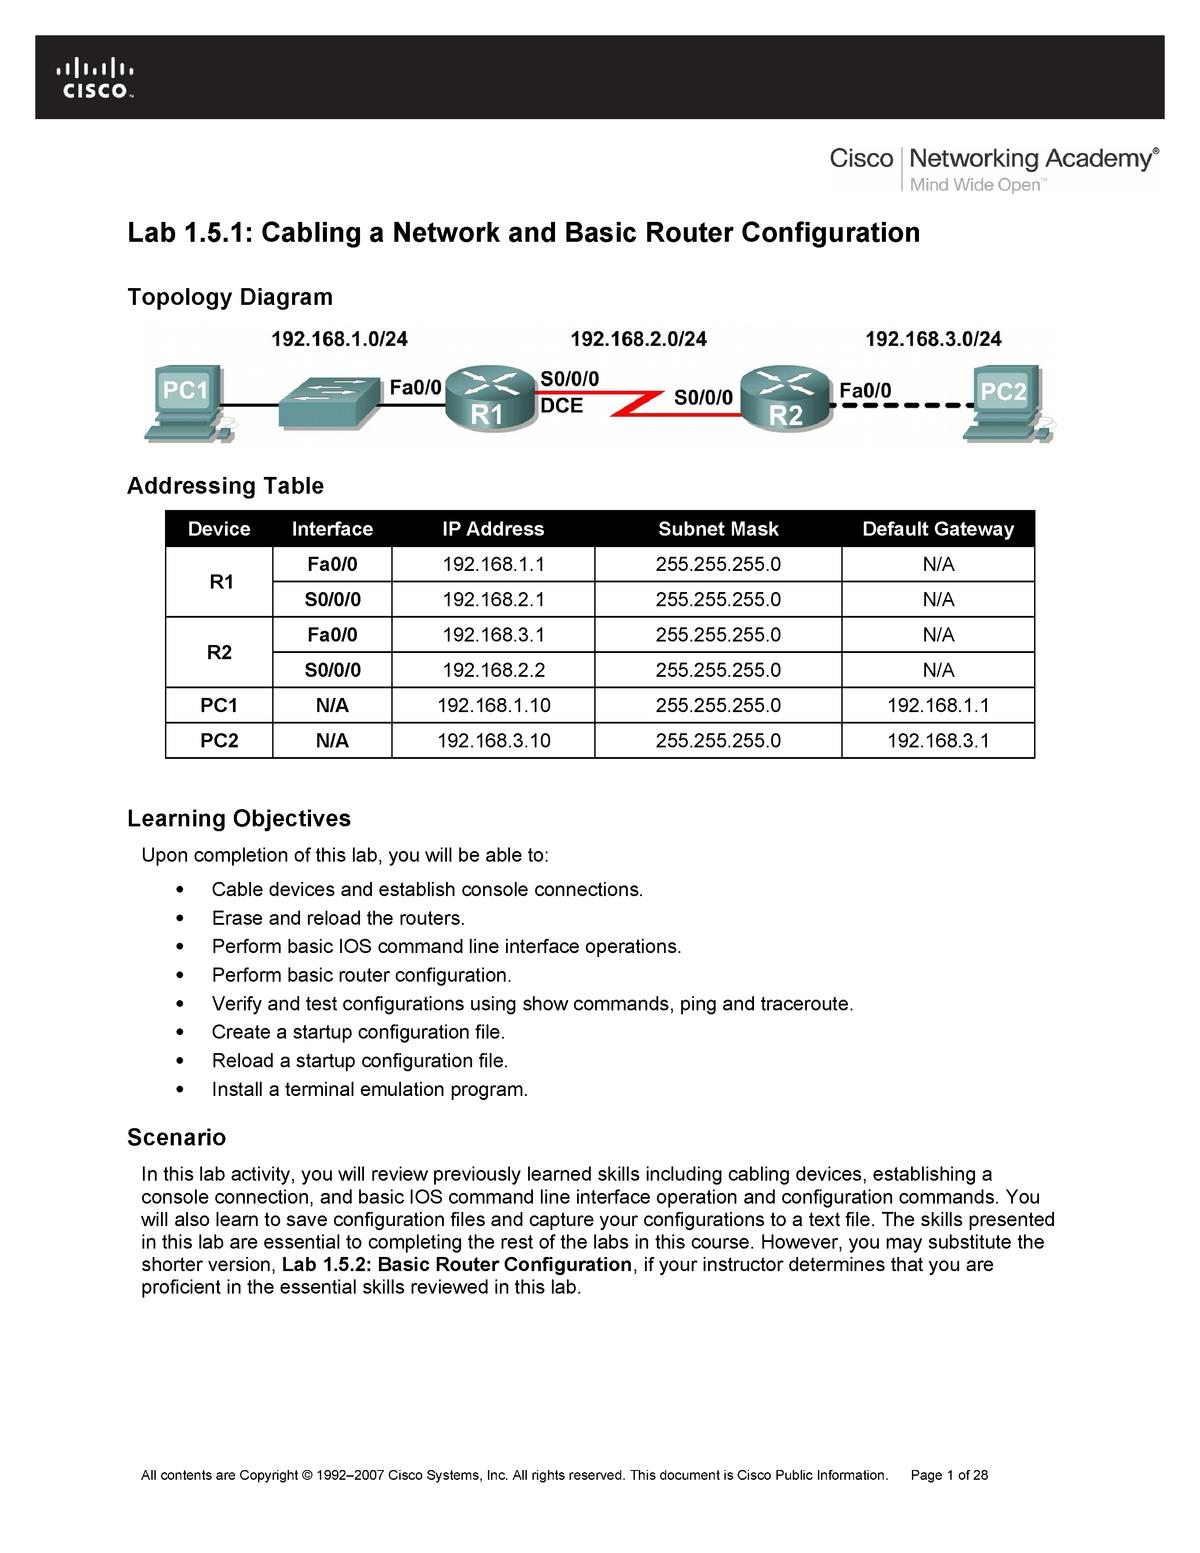 Cisco lab-1 - CST 2307: Networking Fundamentals - StuDocu